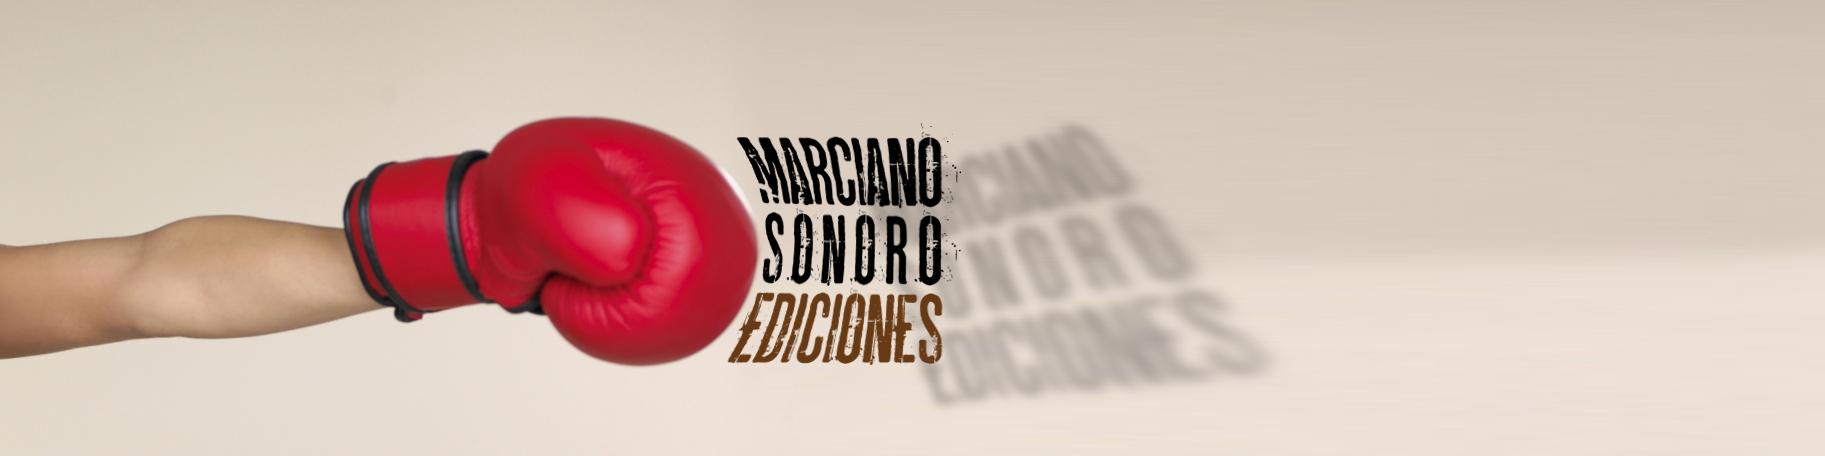 Marciano Sonoro Ediciones. Libros y música